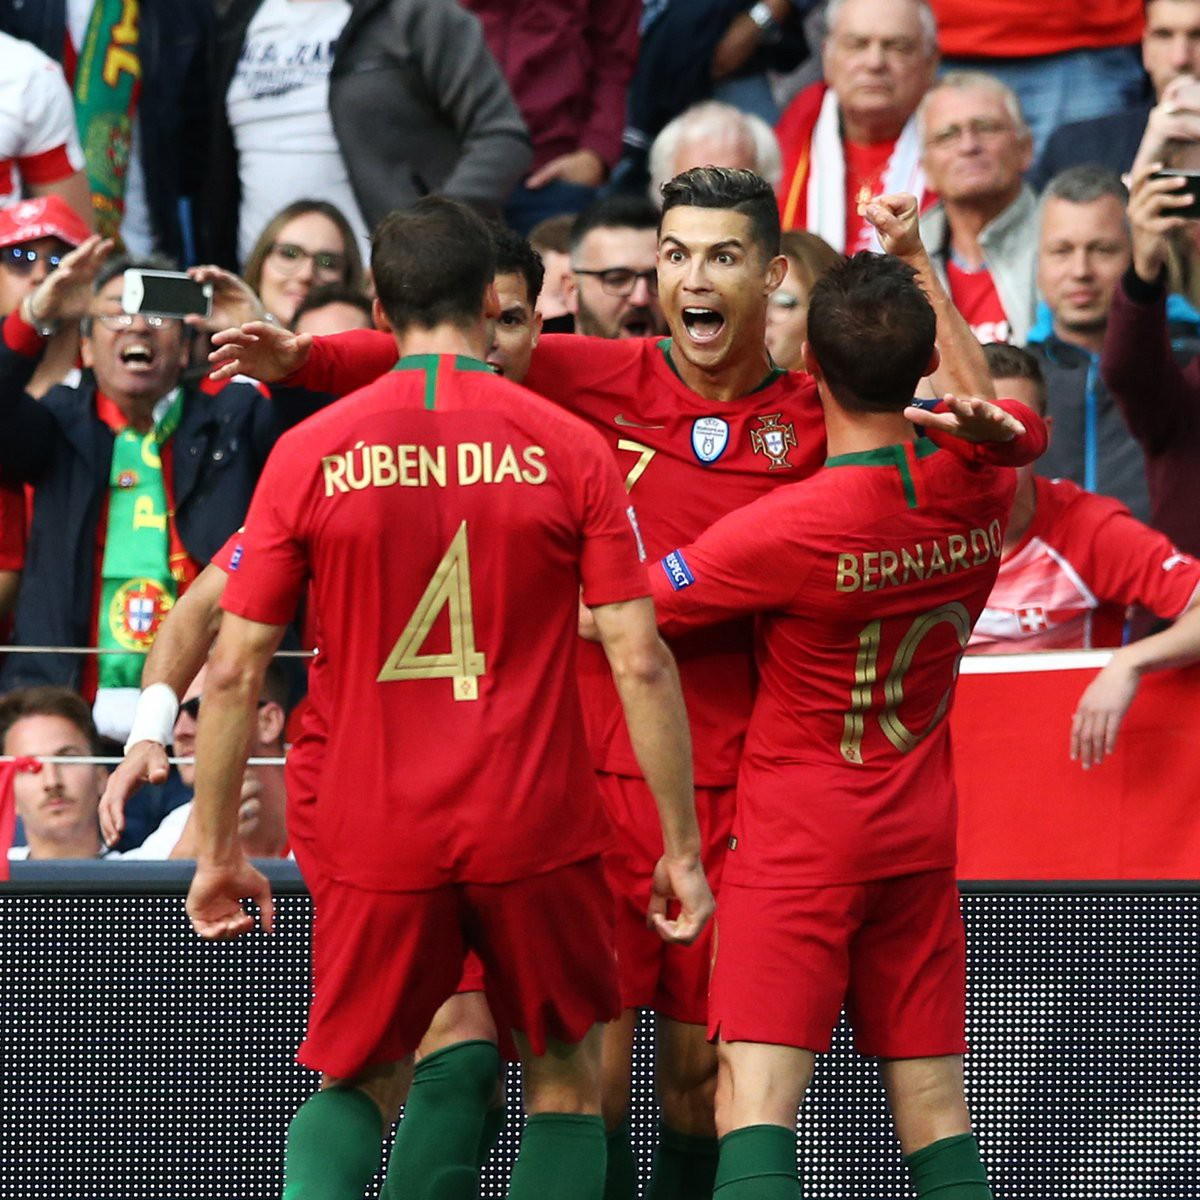 Siêu nhân Ronaldo một mình ghi 3 bàn thắng đẹp, gánh tuyển Bồ Đào Nha vào chơi trận chung kết UEFA Nations League - Ảnh 4.